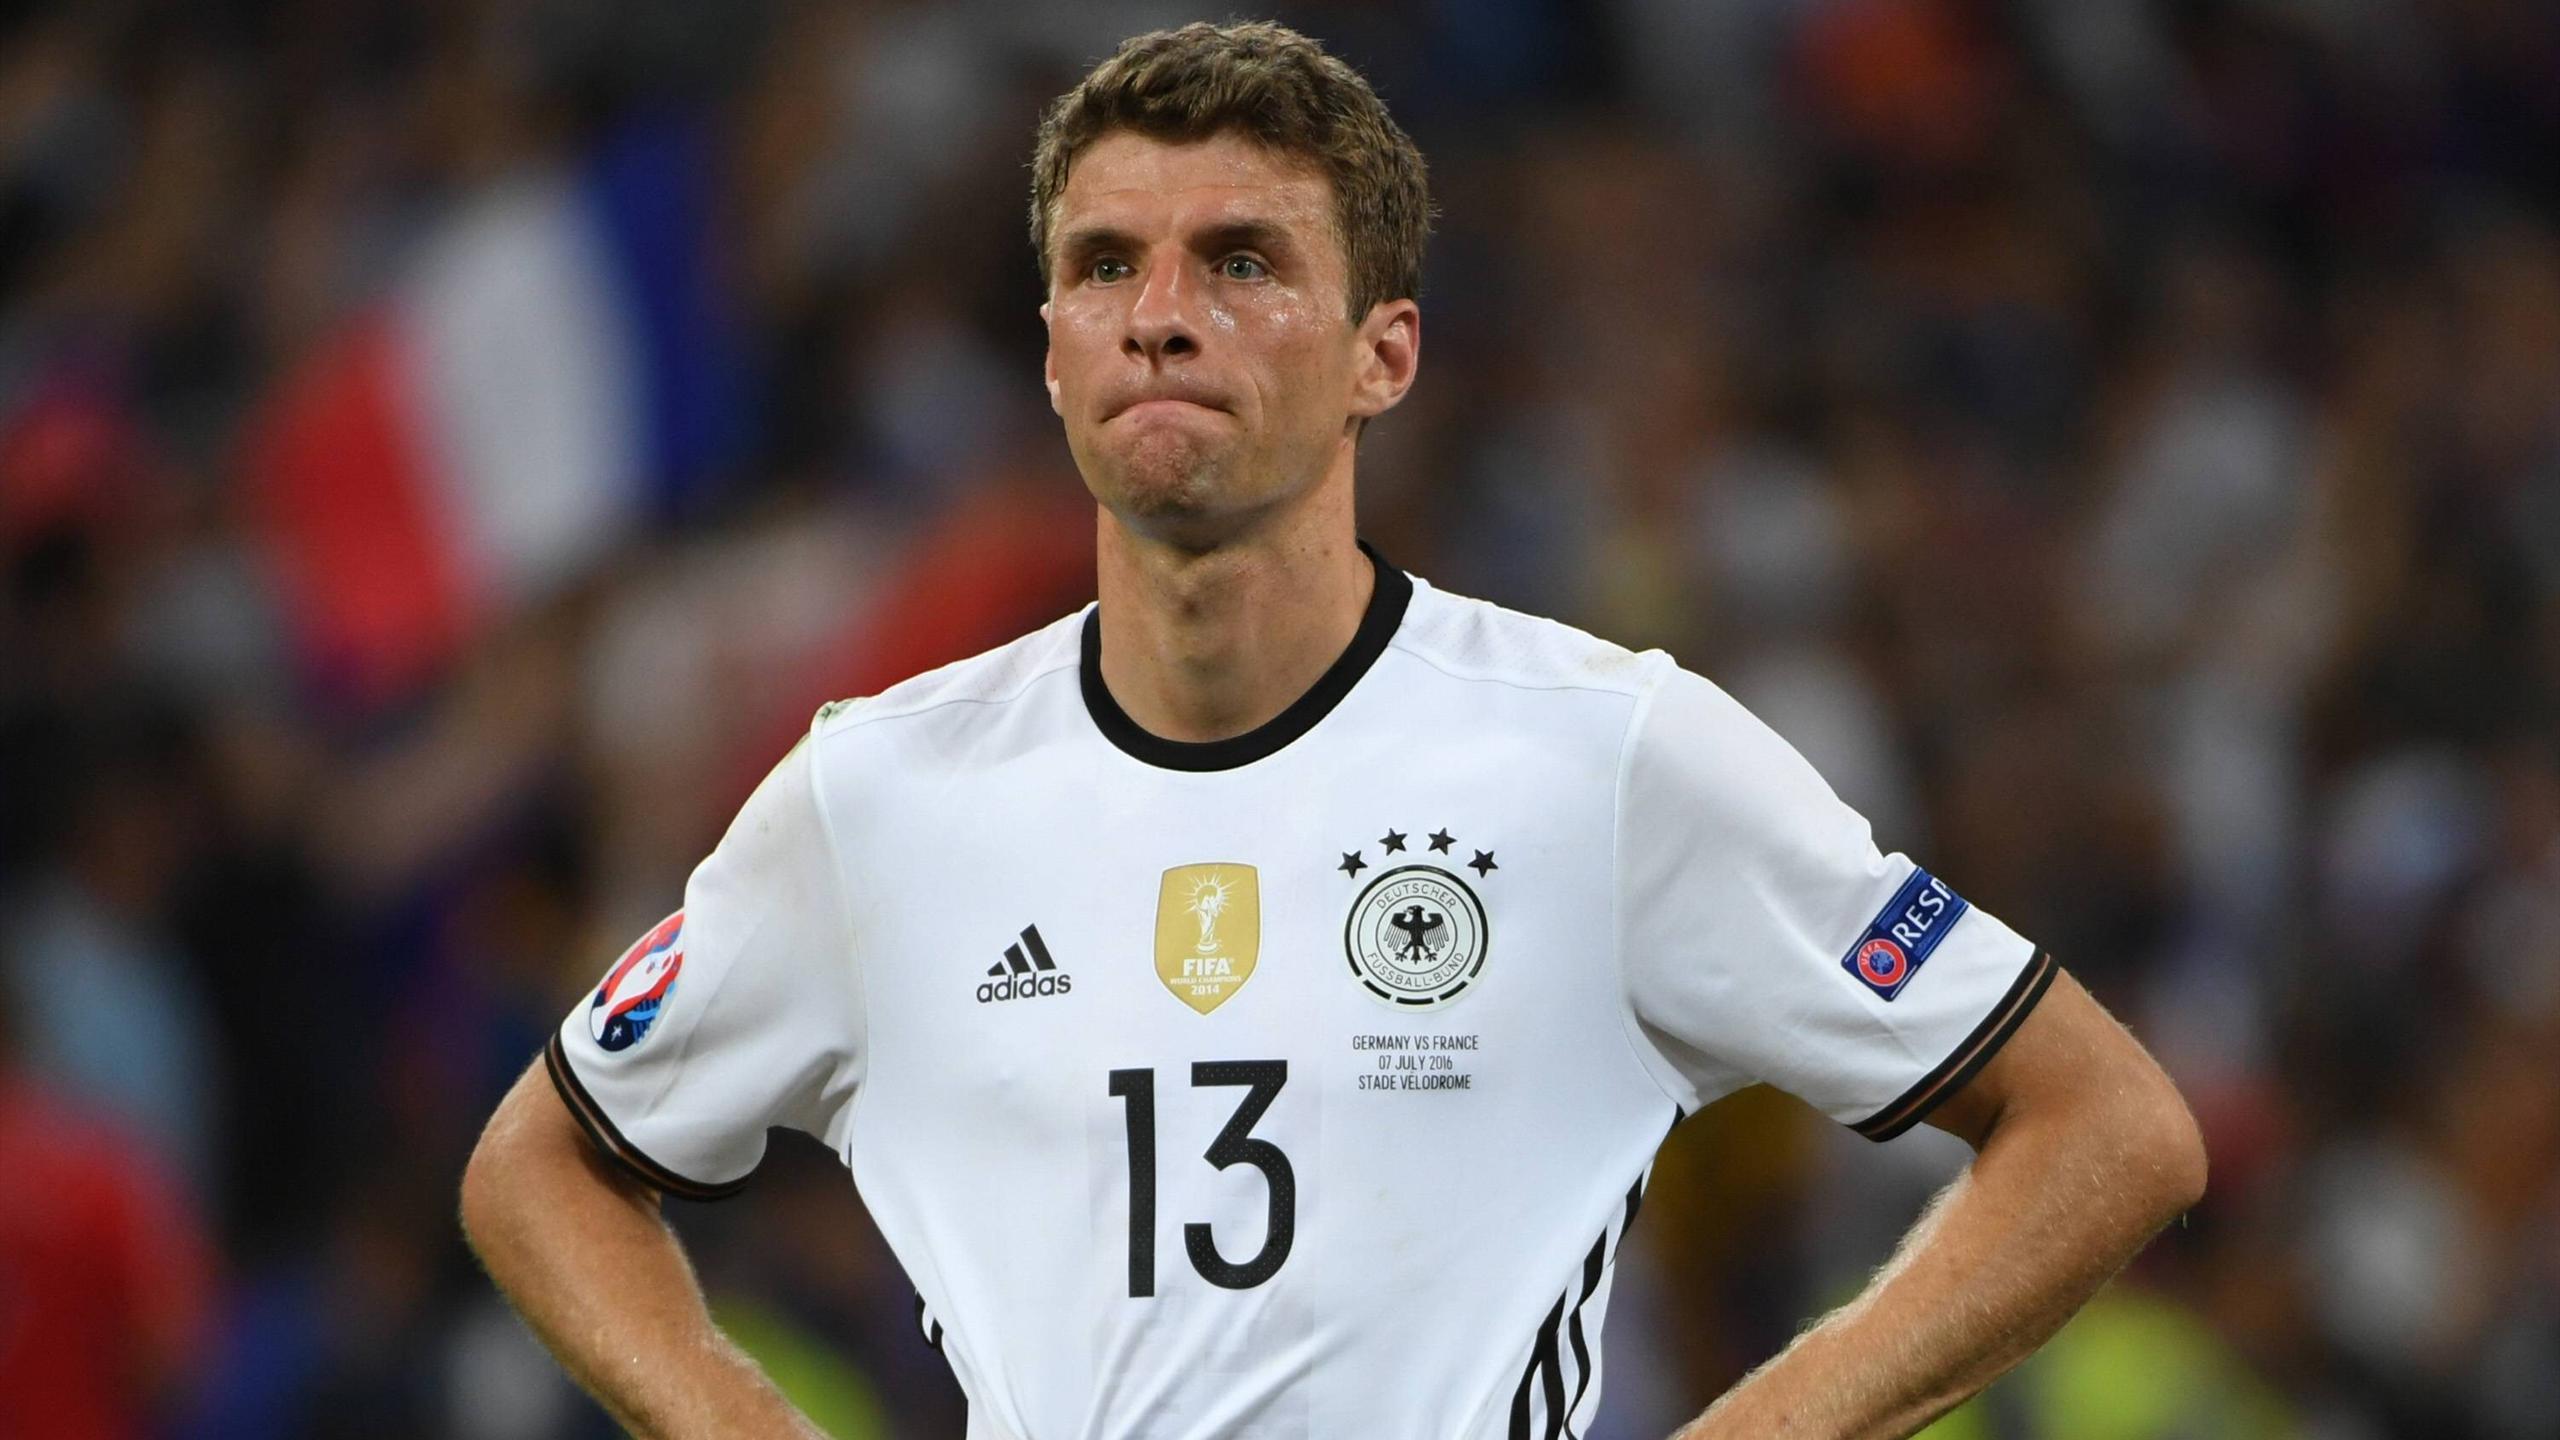 Thomas Müller n'a pas eu le rendement attendu face à la France